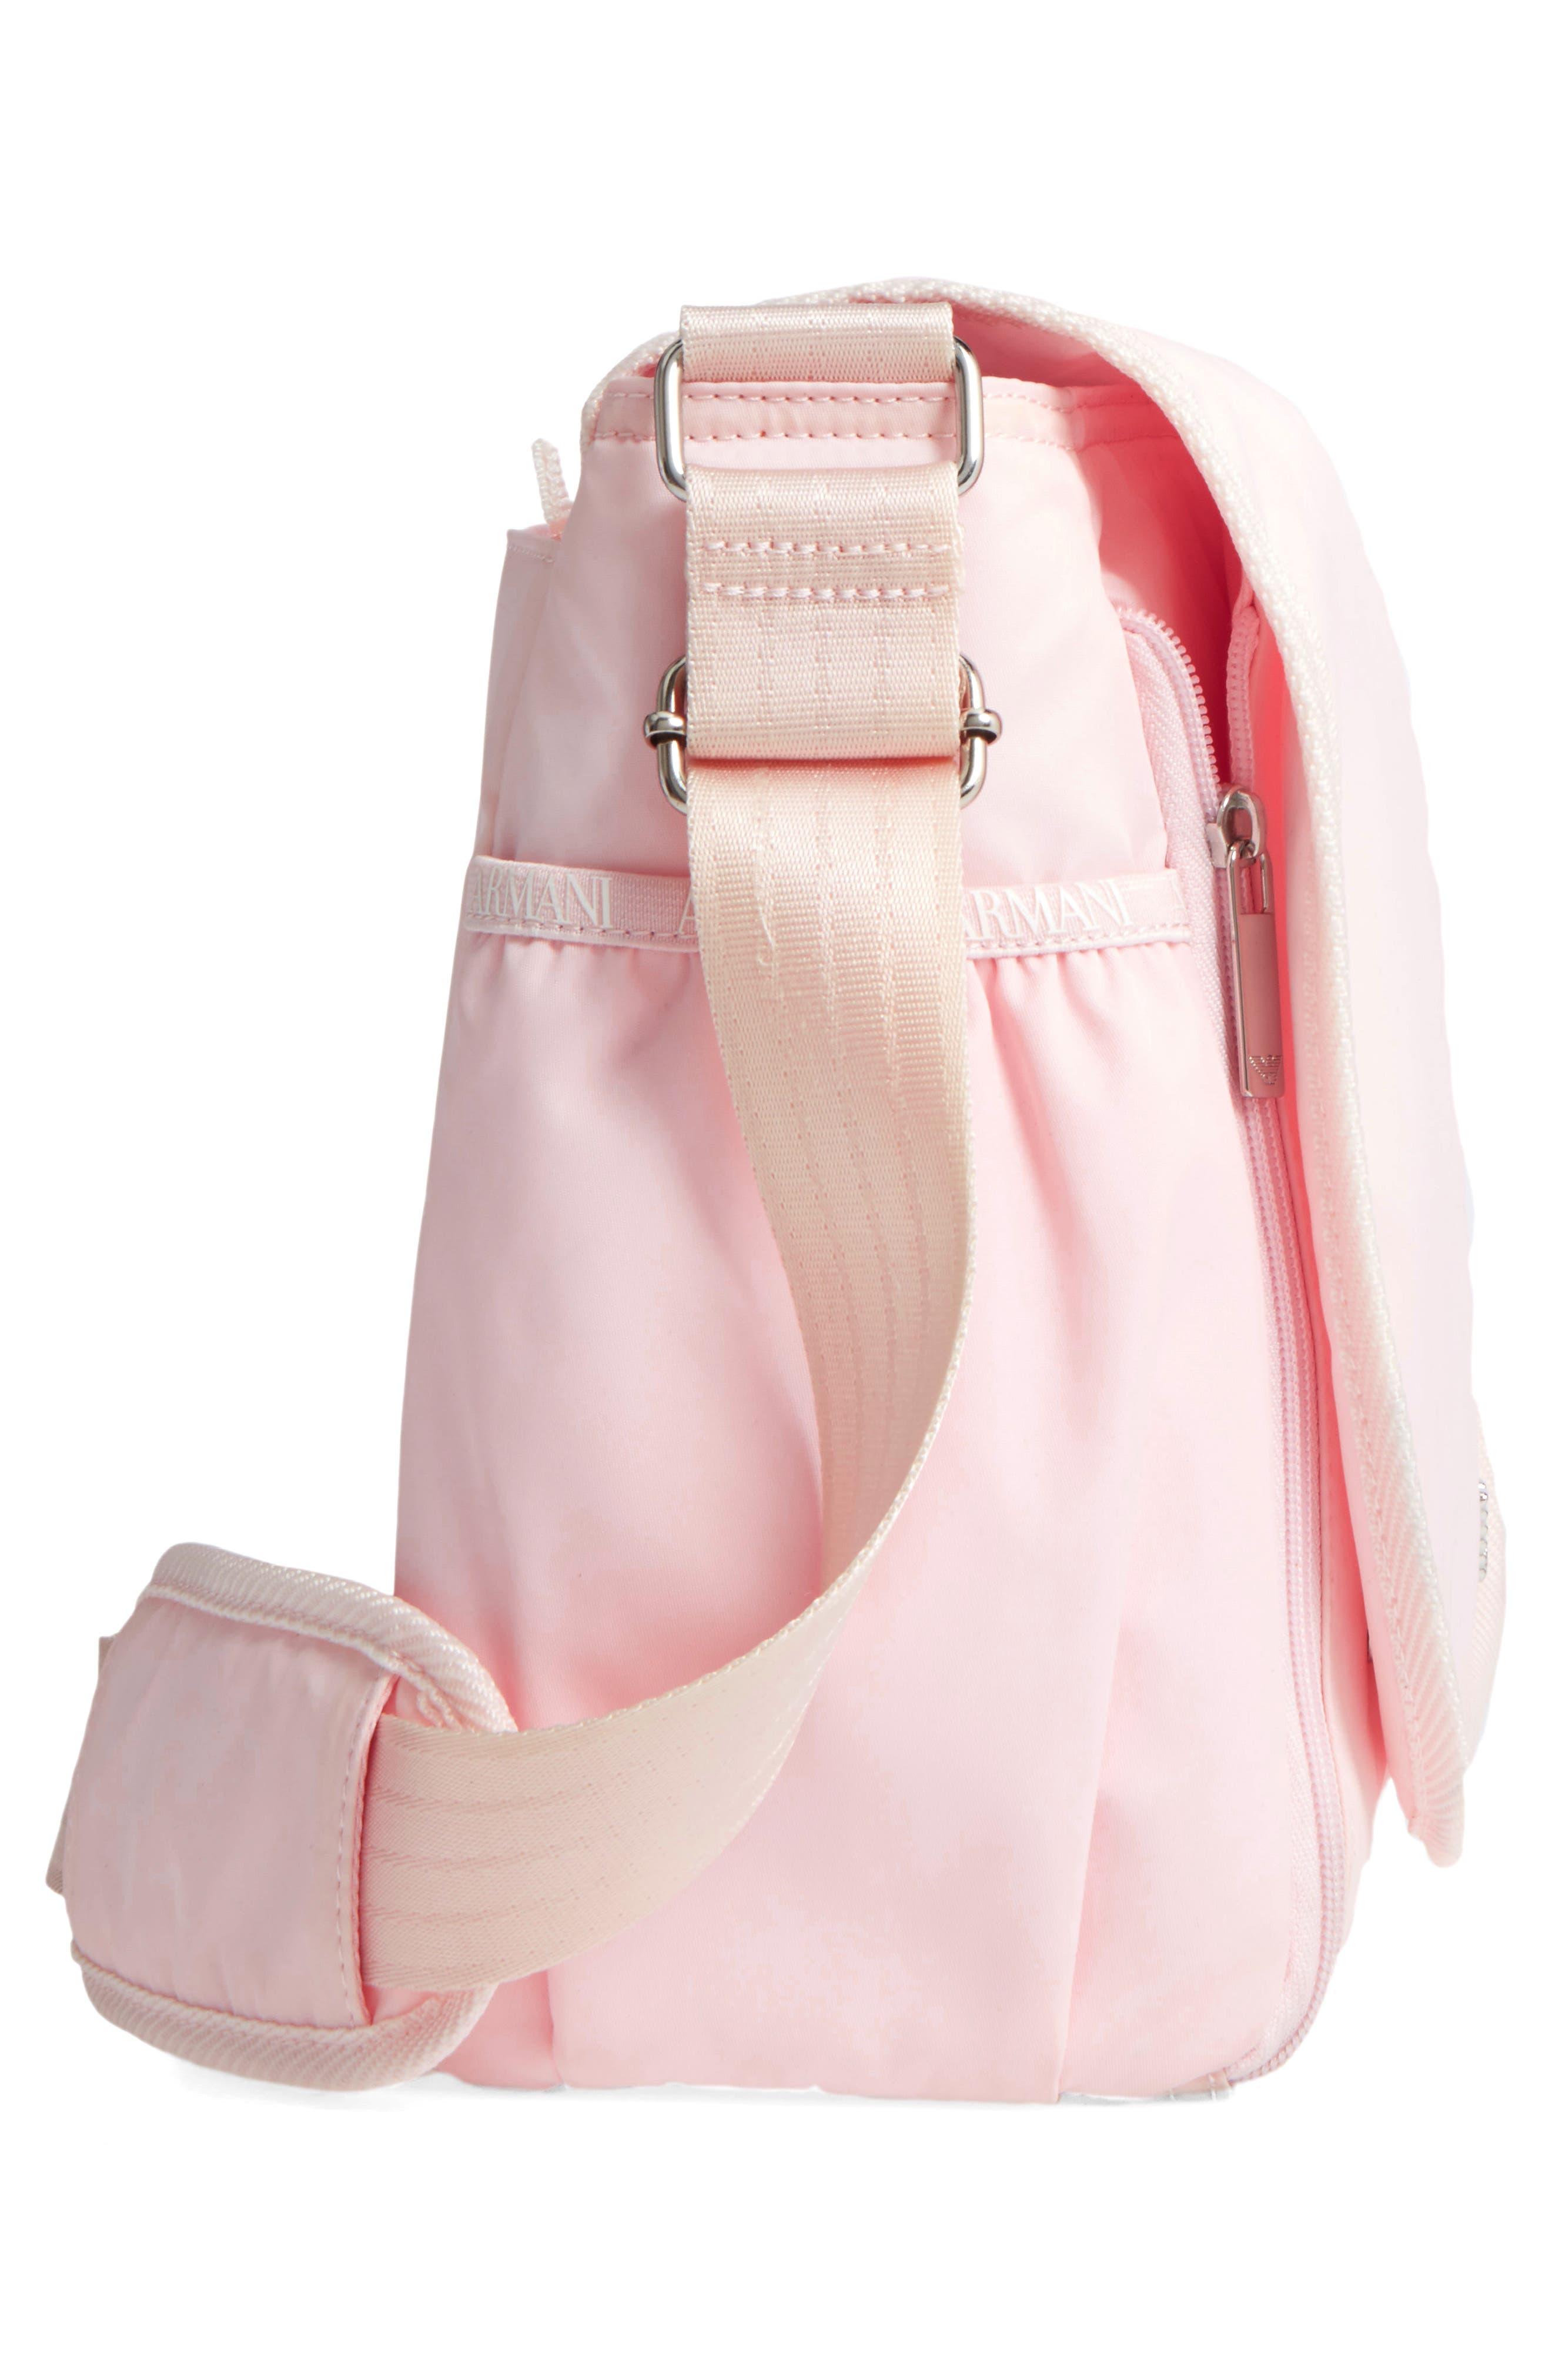 Nylon Messenger Diaper Bag,                             Alternate thumbnail 20, color,